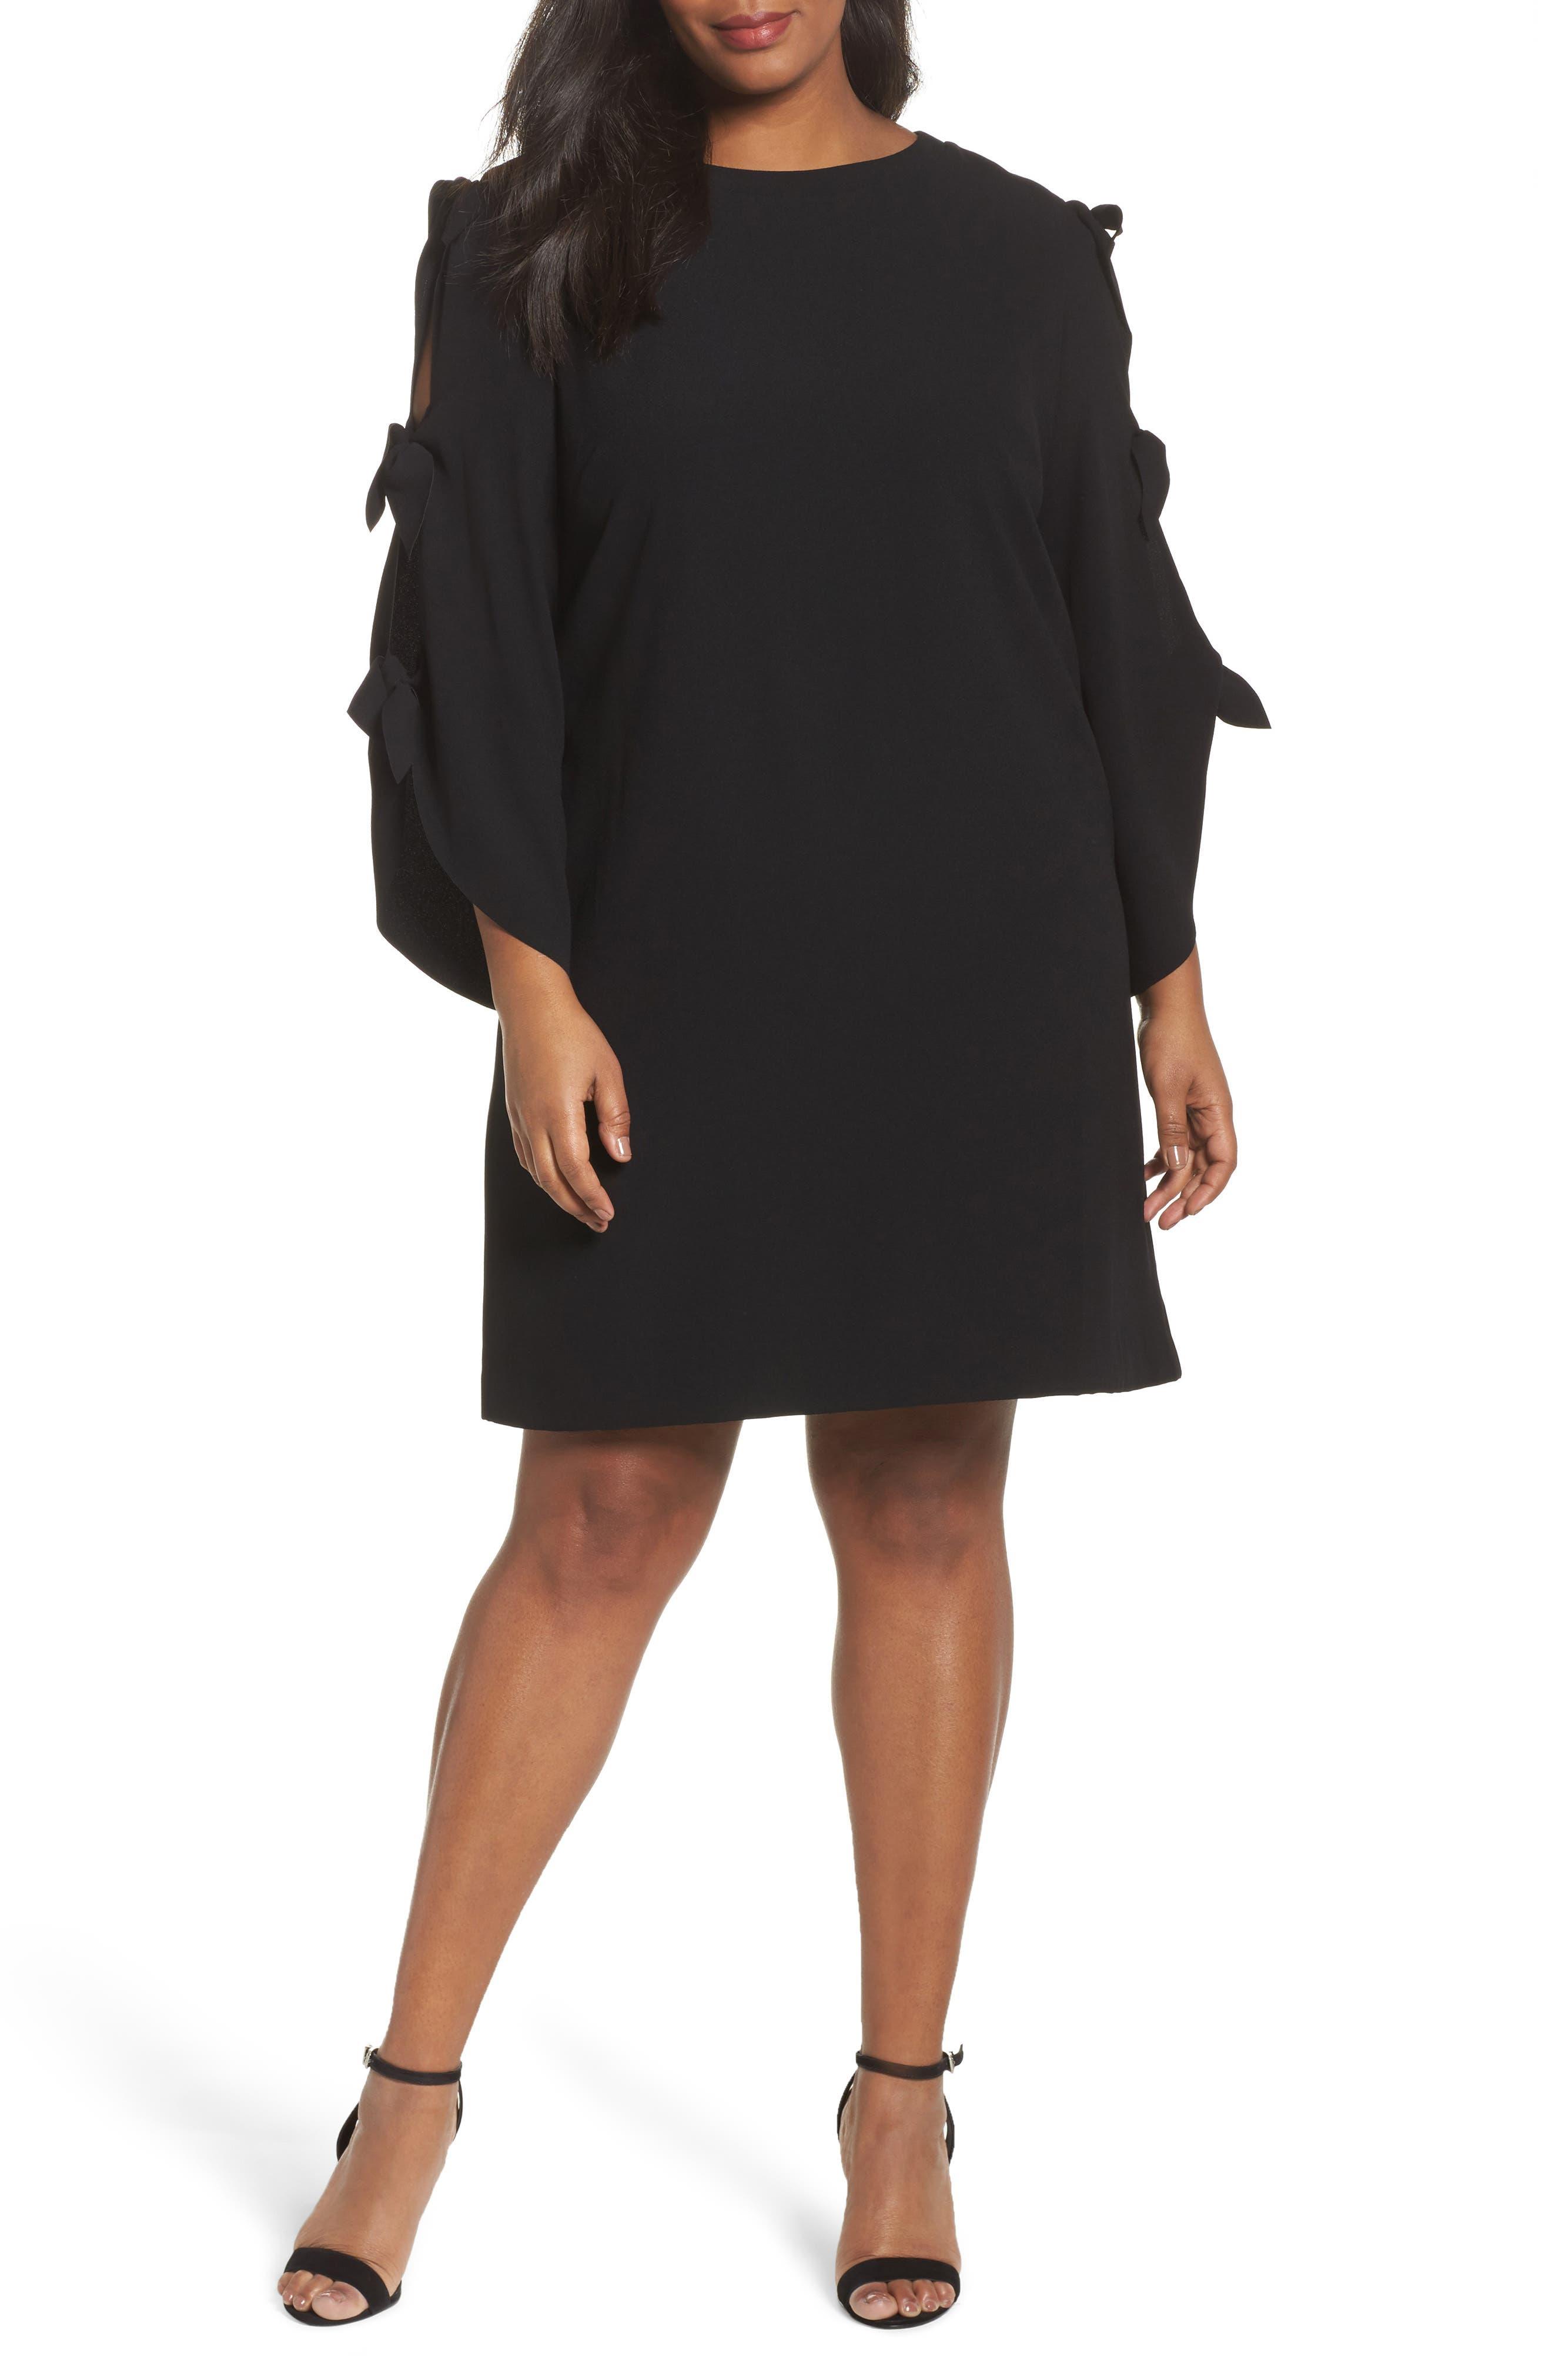 Tahari Split Tie Sleeve Shift Dress (Plus Size)